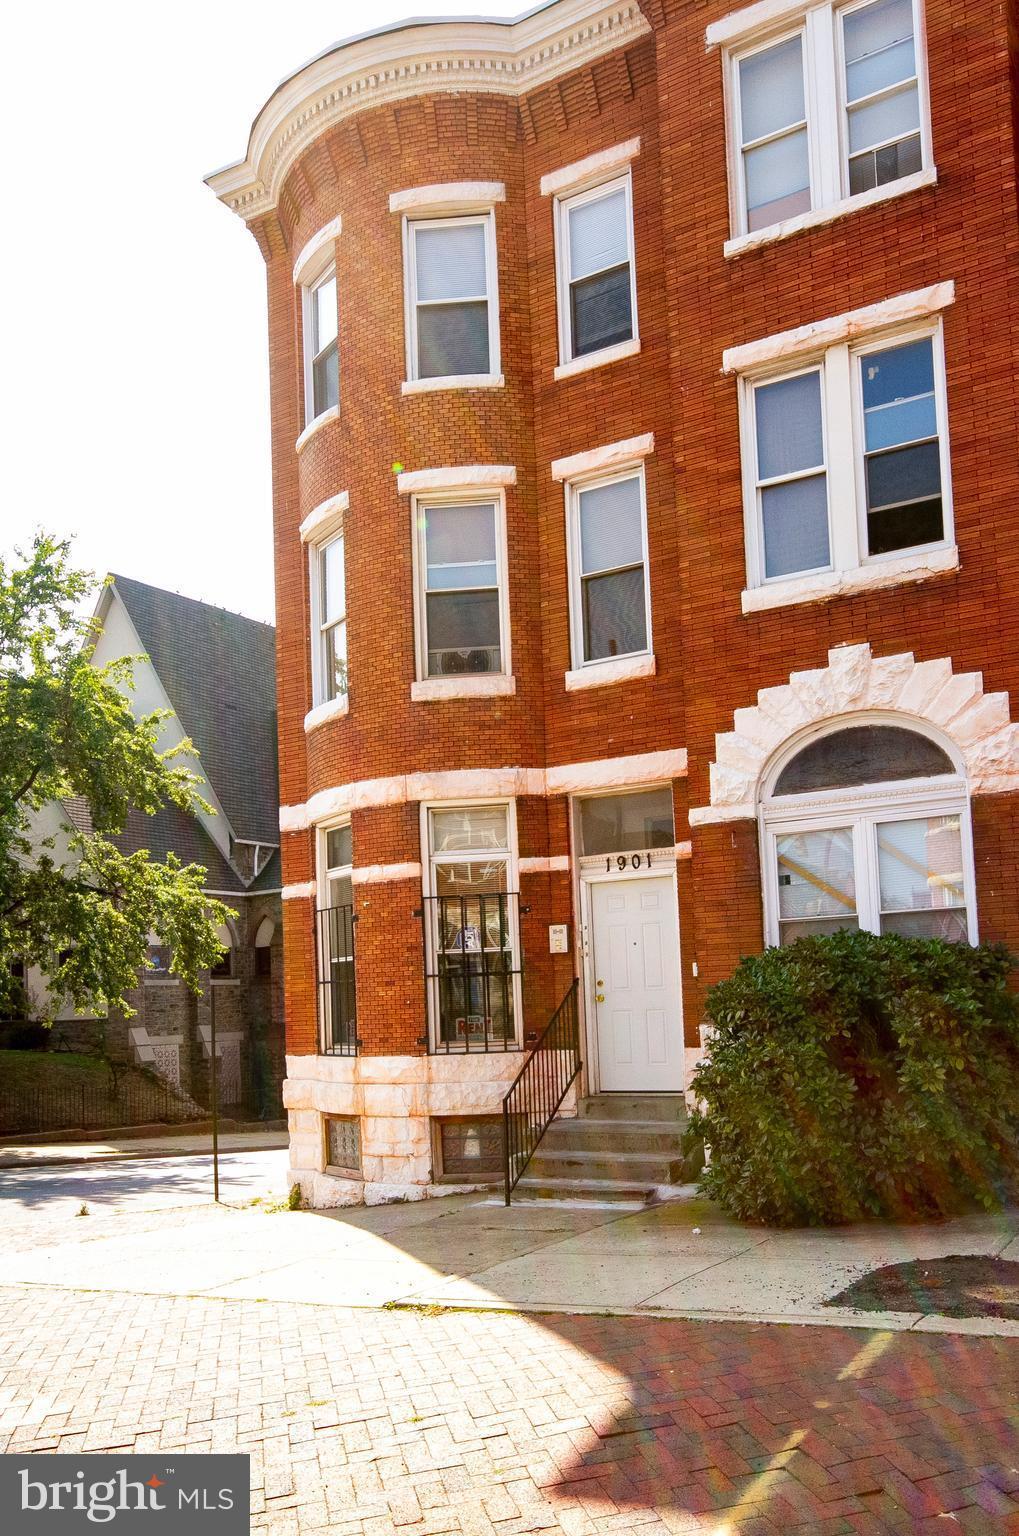 1901 BALTIMORE STREET, BALTIMORE, MD 21223